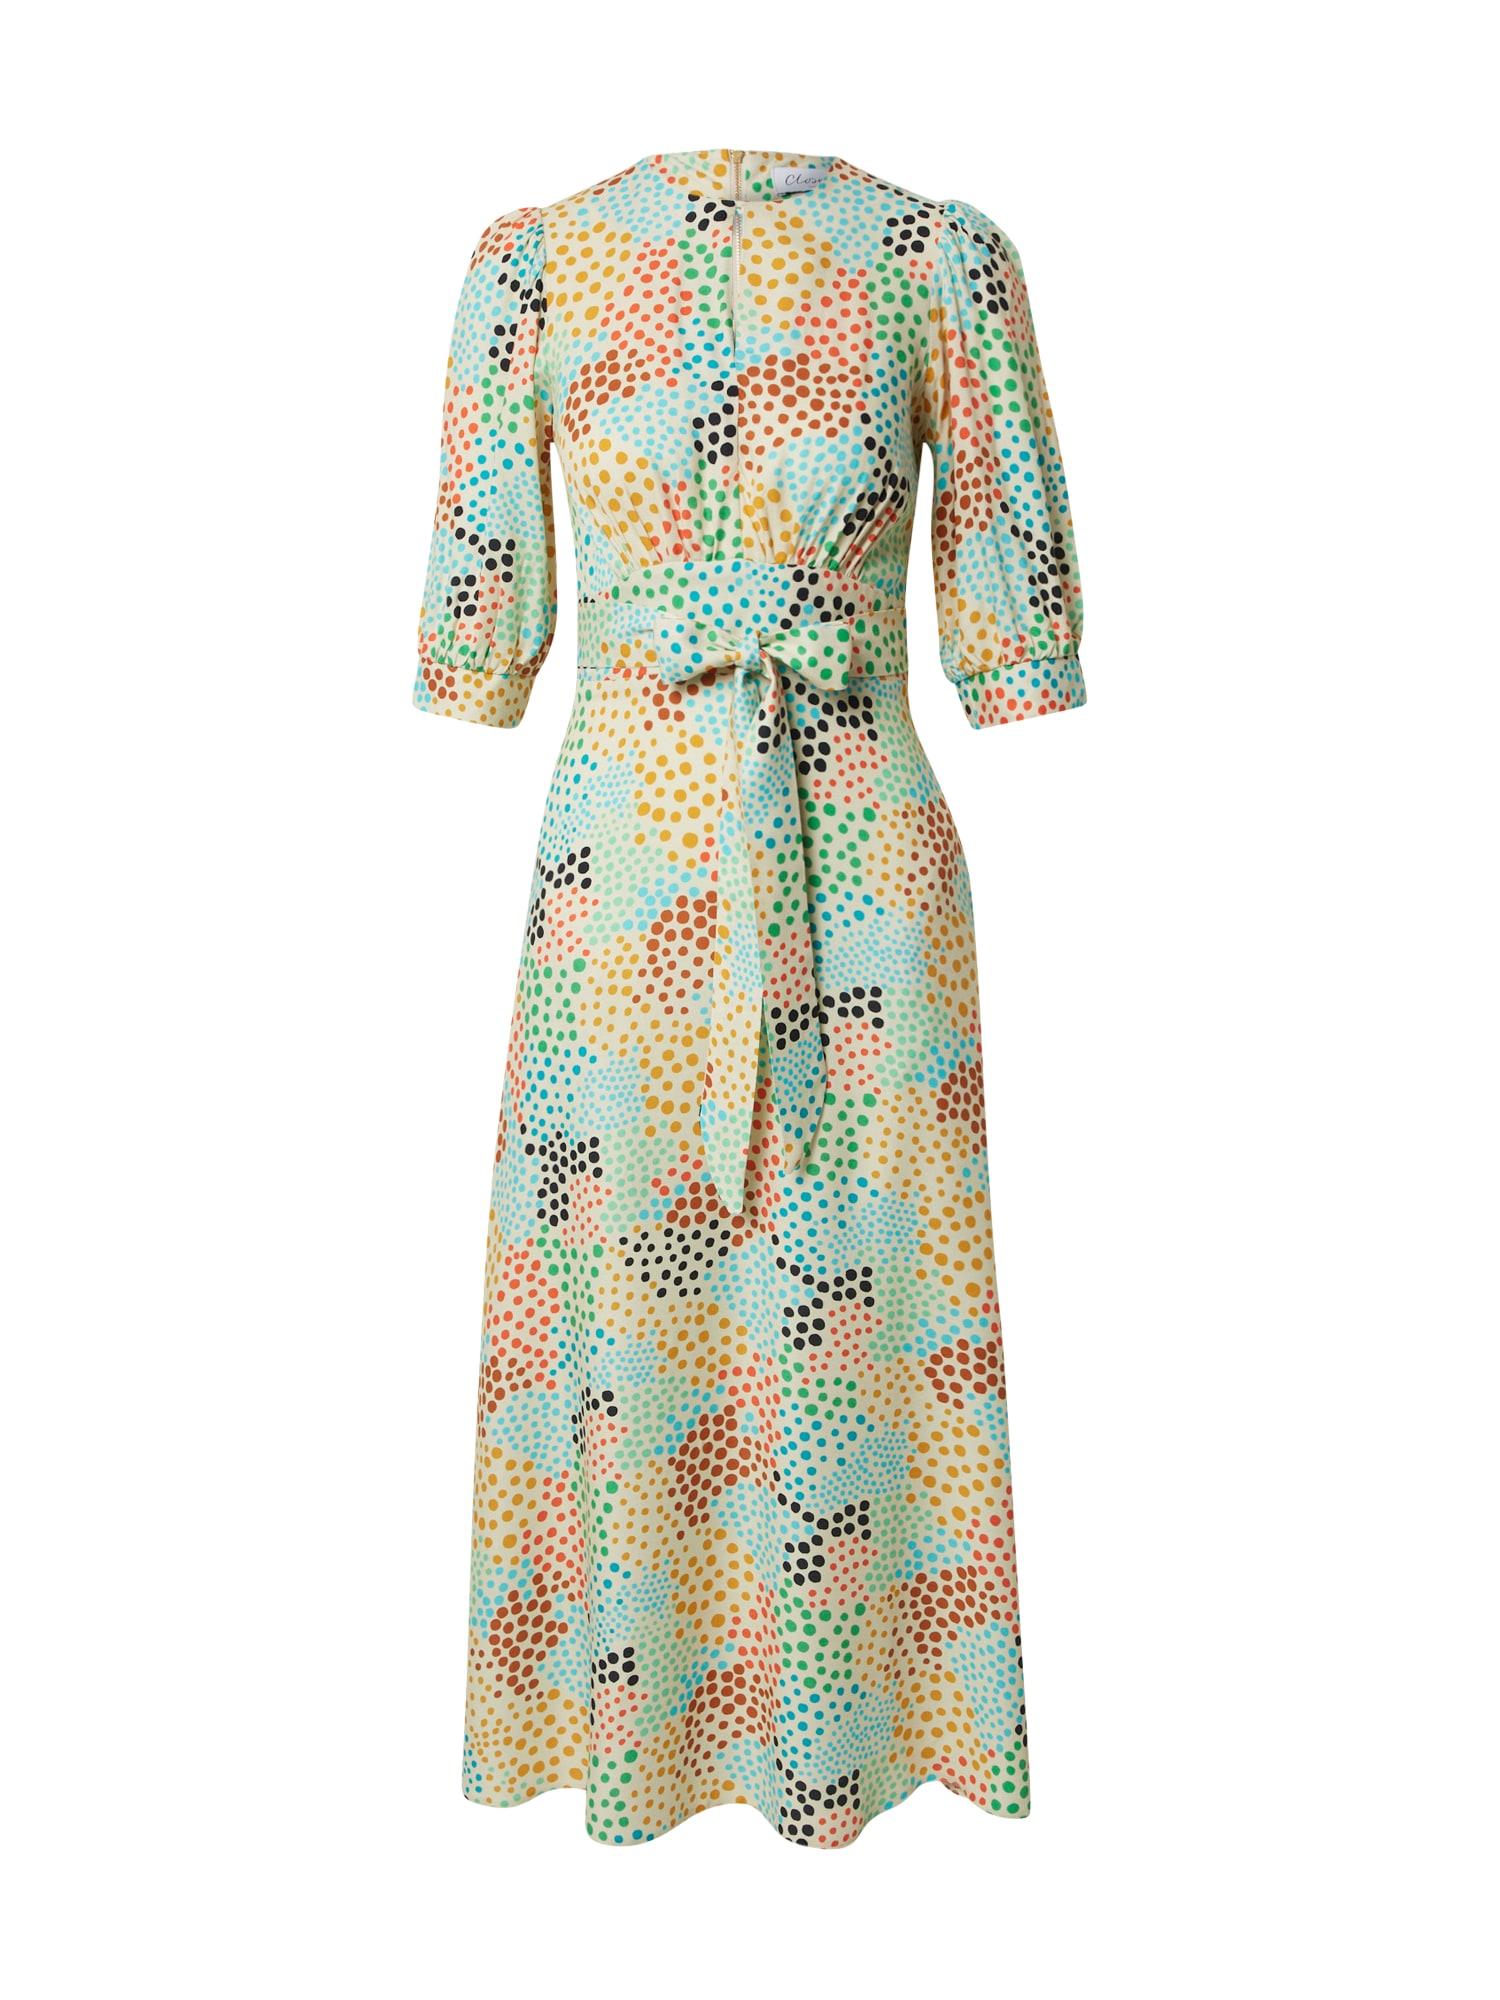 Closet London Vasarinė suknelė oranžinė / smėlio / mėtų spalva / žalia / mėlyna / geltona / raudona